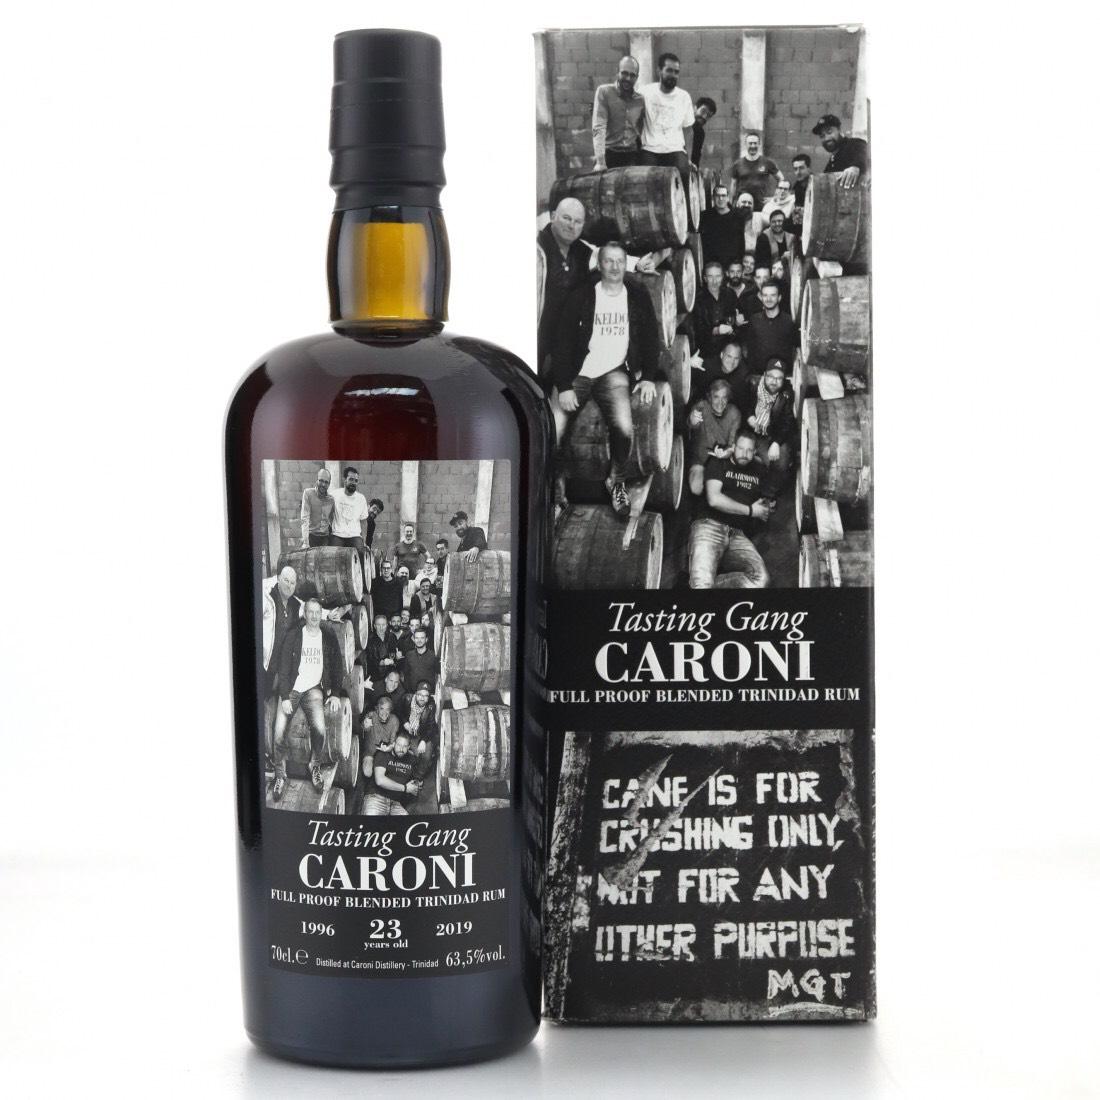 Bottle image of 38th Release Tasting Gang Blended Trinidad Rum